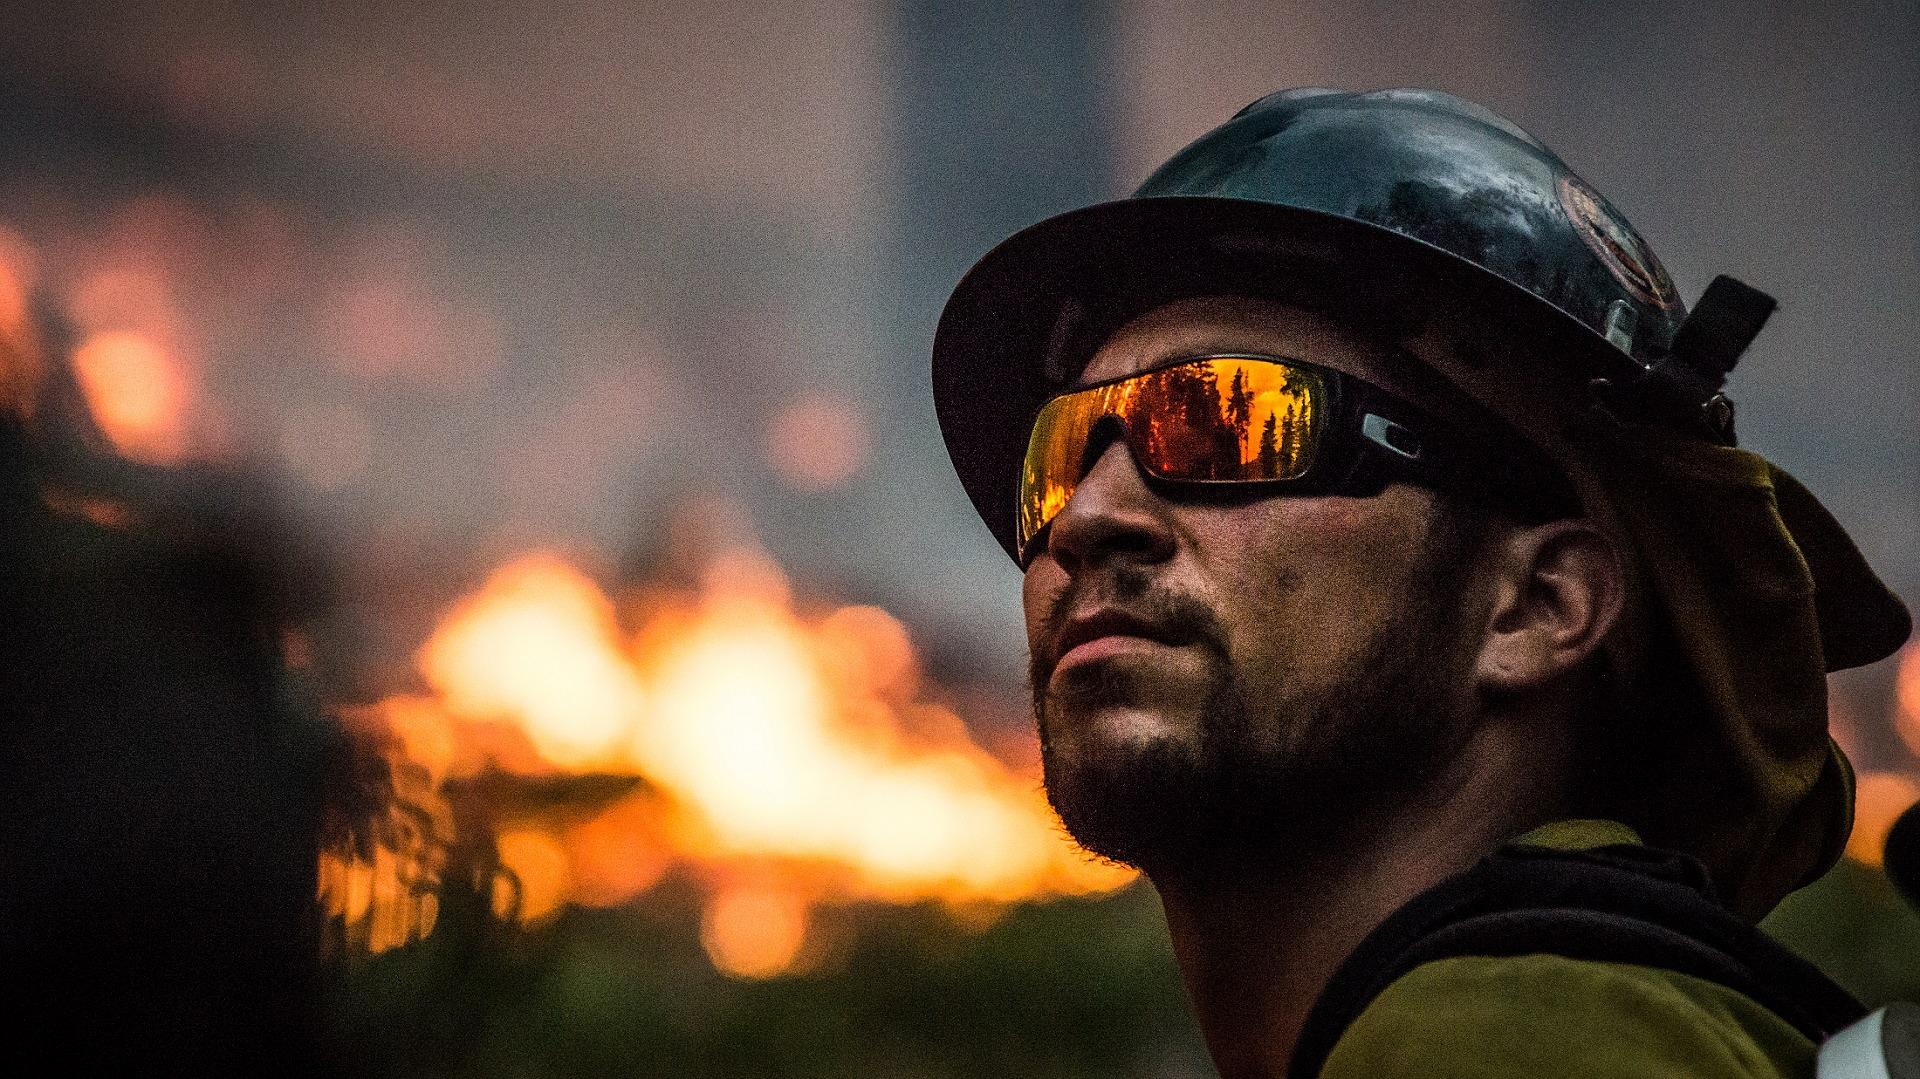 Operazione Smokin' field in atto dalle prime ore del giorno mentre la Campania rivive l'incubo dei rifiuti incendiati